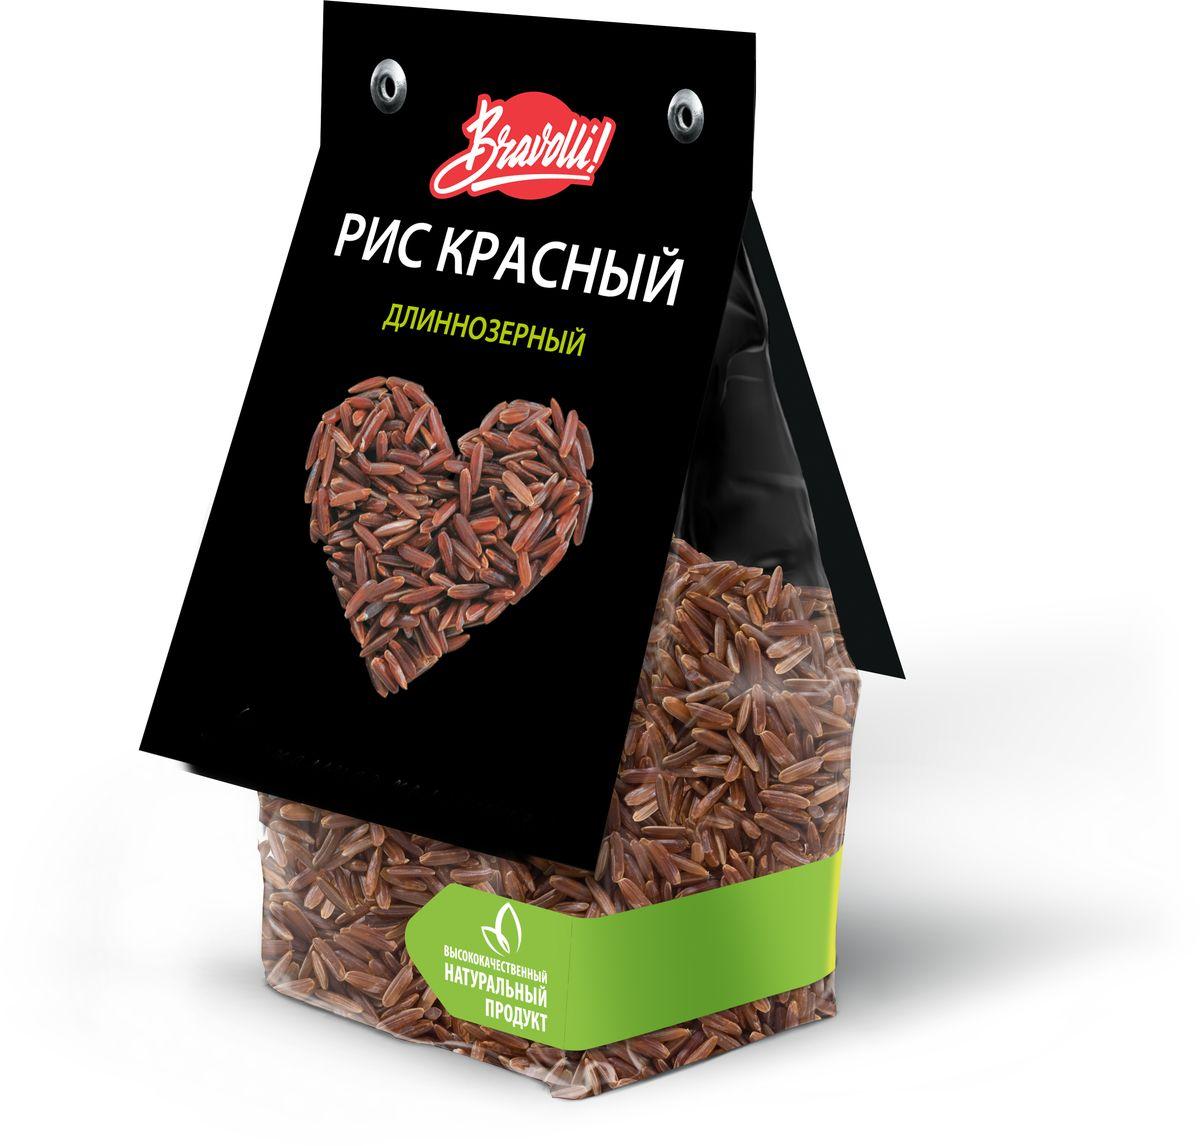 Bravolli Рис красный длиннозерный, 350 г bravolli жасмин рис 500 г